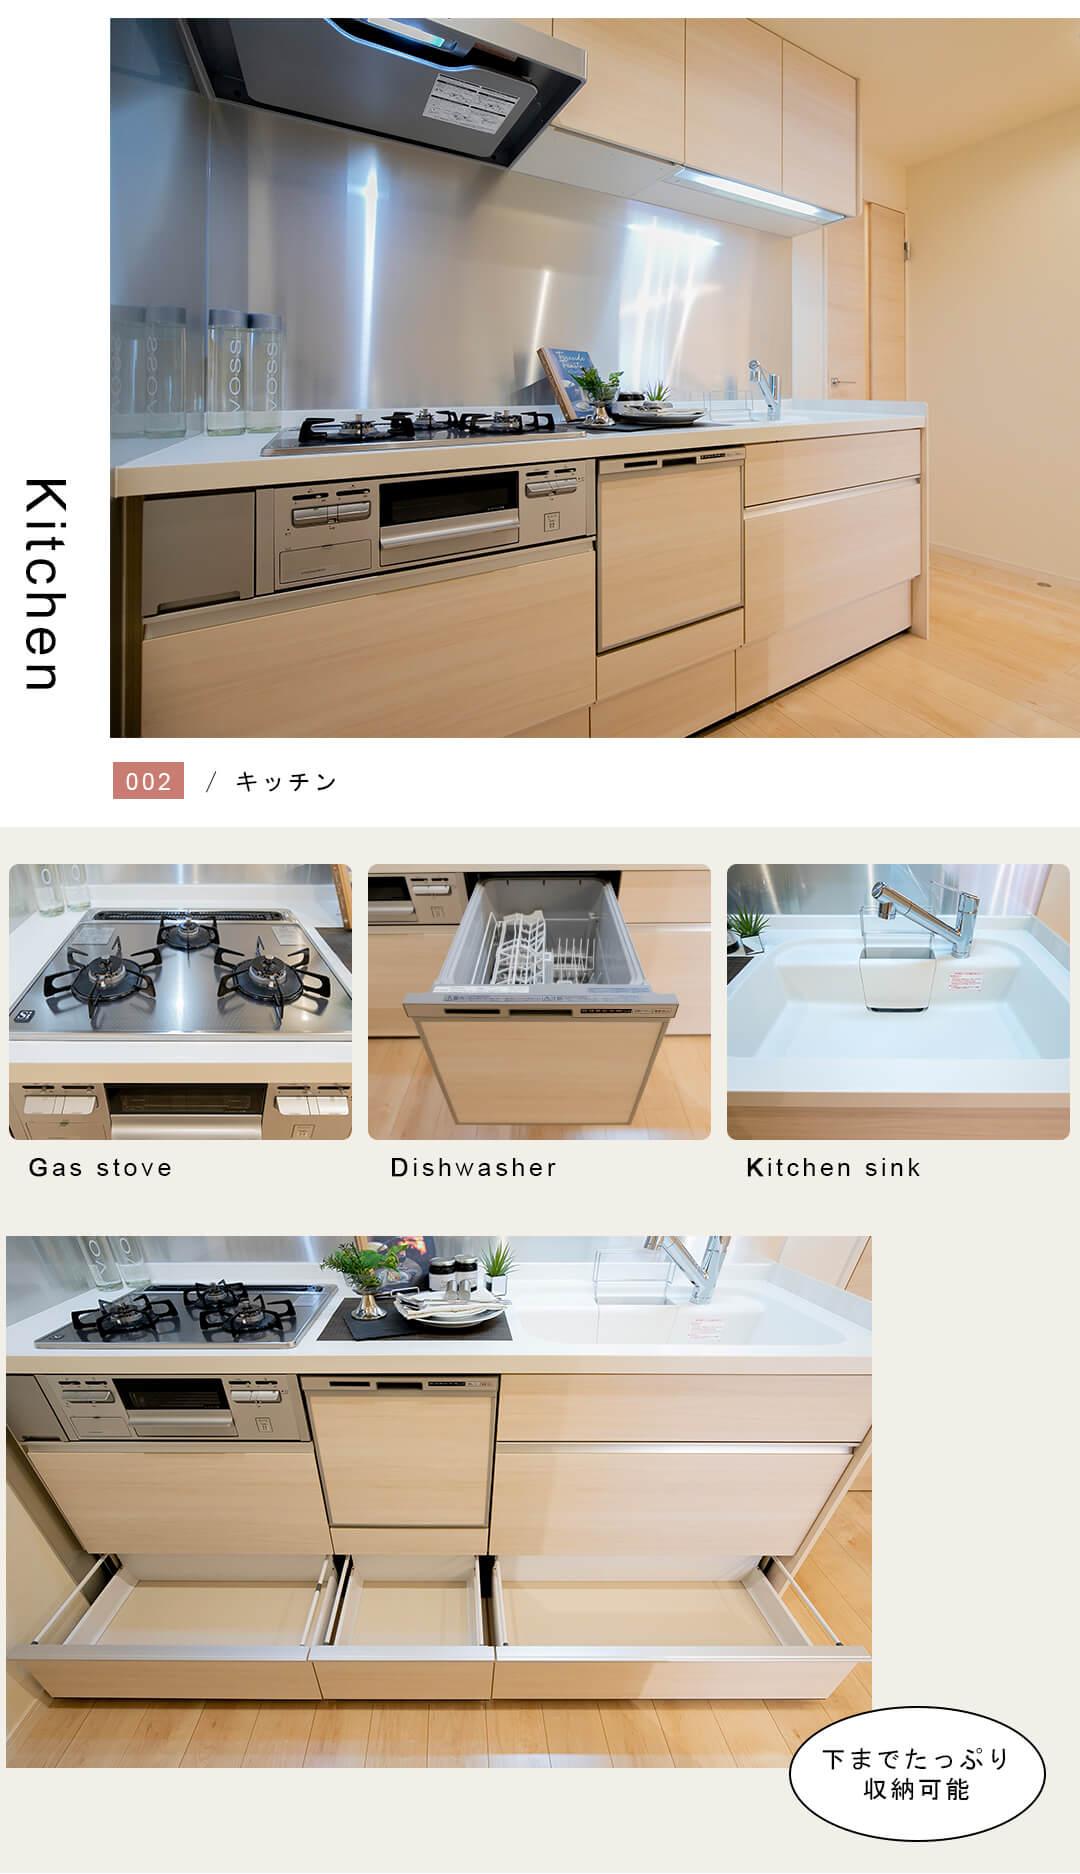 グランスイースト世田谷桜丘のキッチン